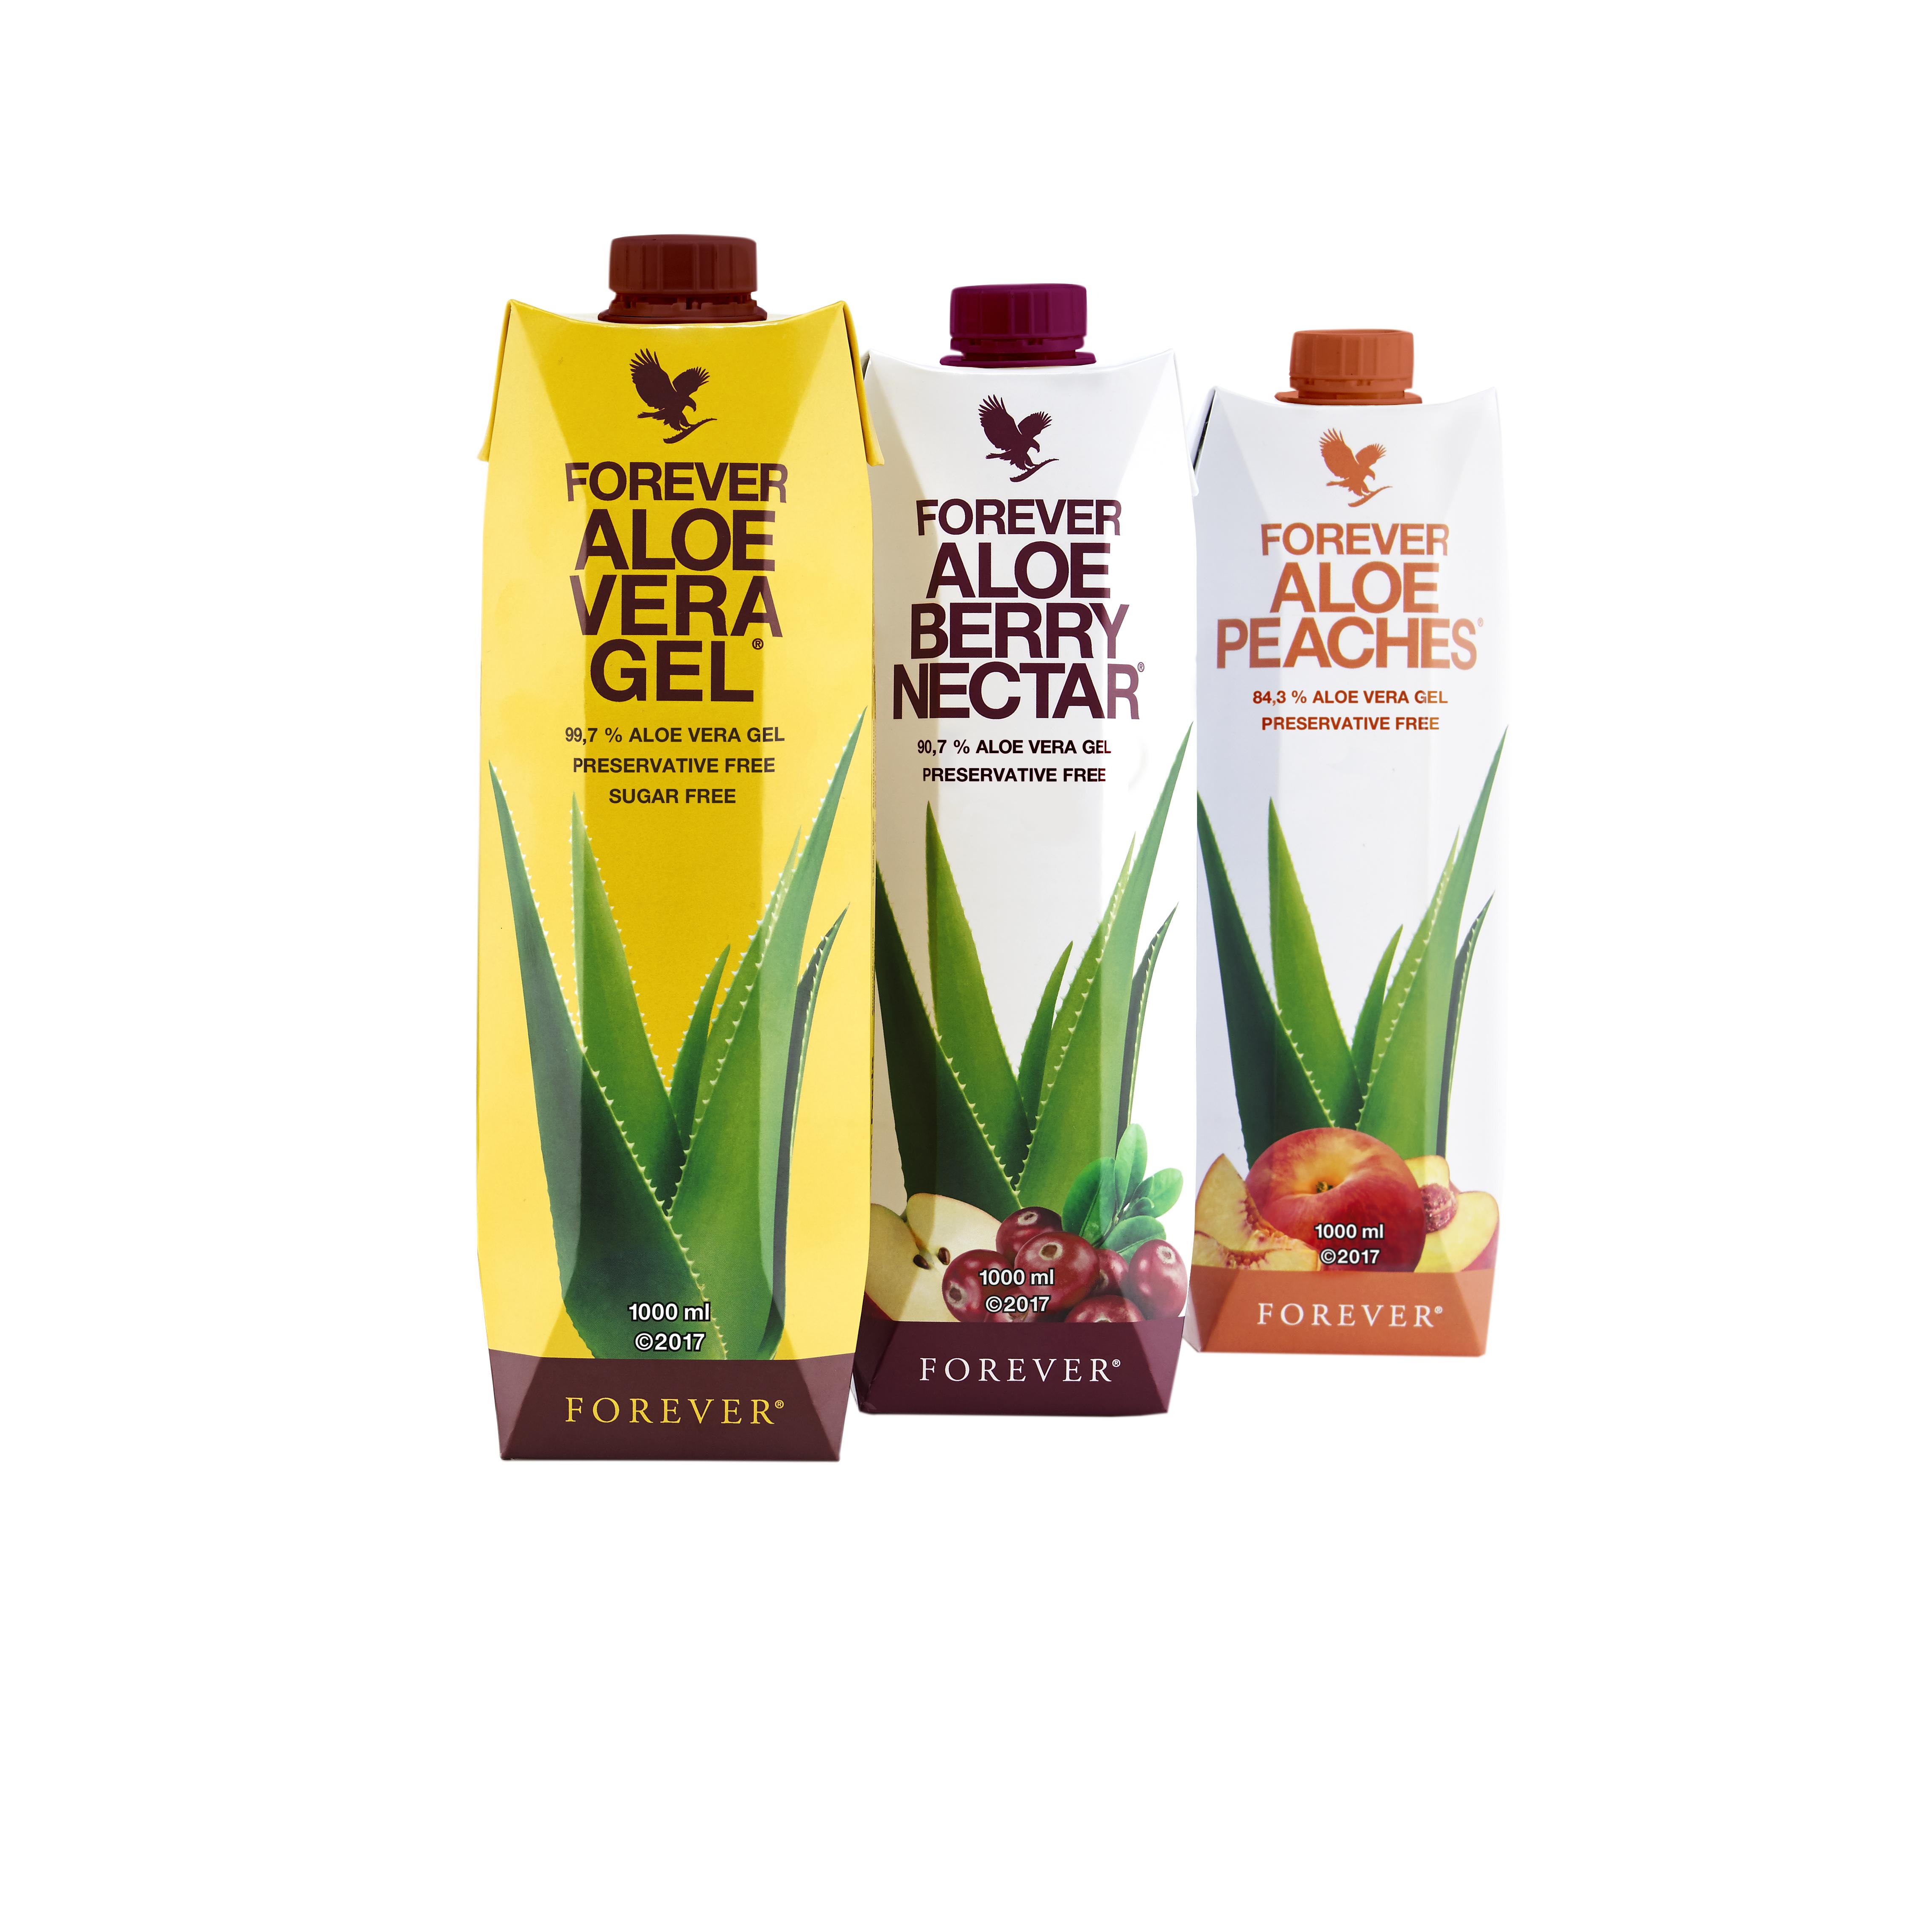 är aloe vera dryck nyttigt